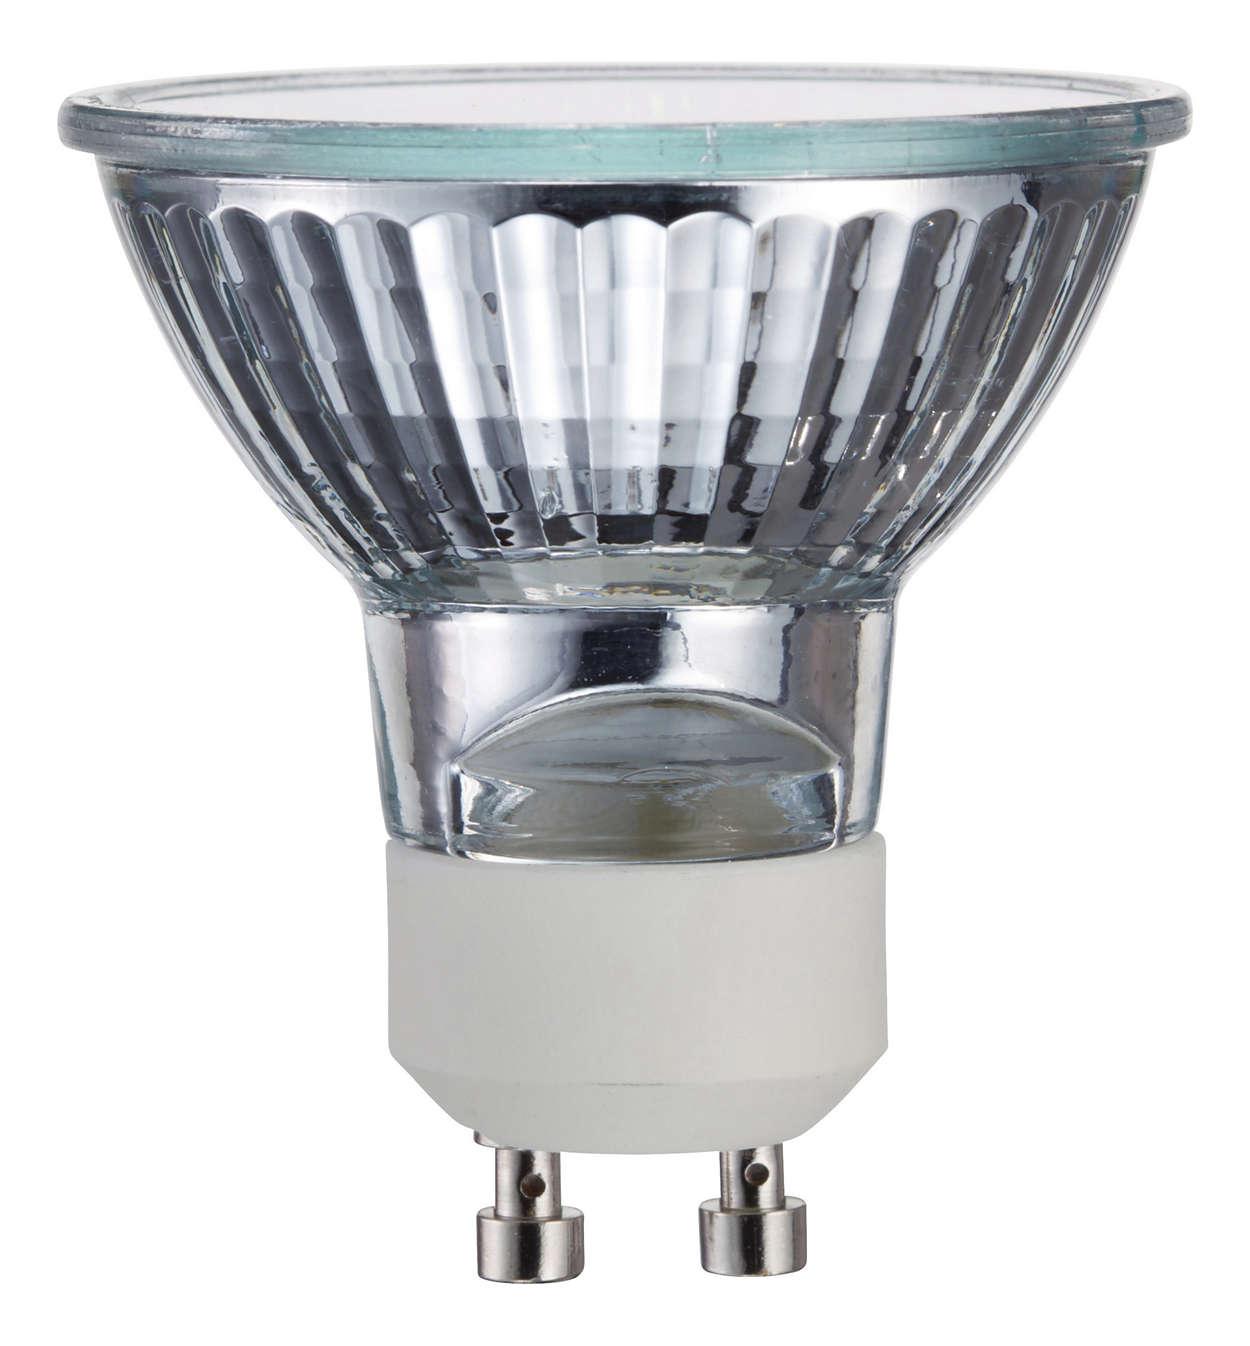 halogena energy saver indoor flood light 046677418250 philips. Black Bedroom Furniture Sets. Home Design Ideas